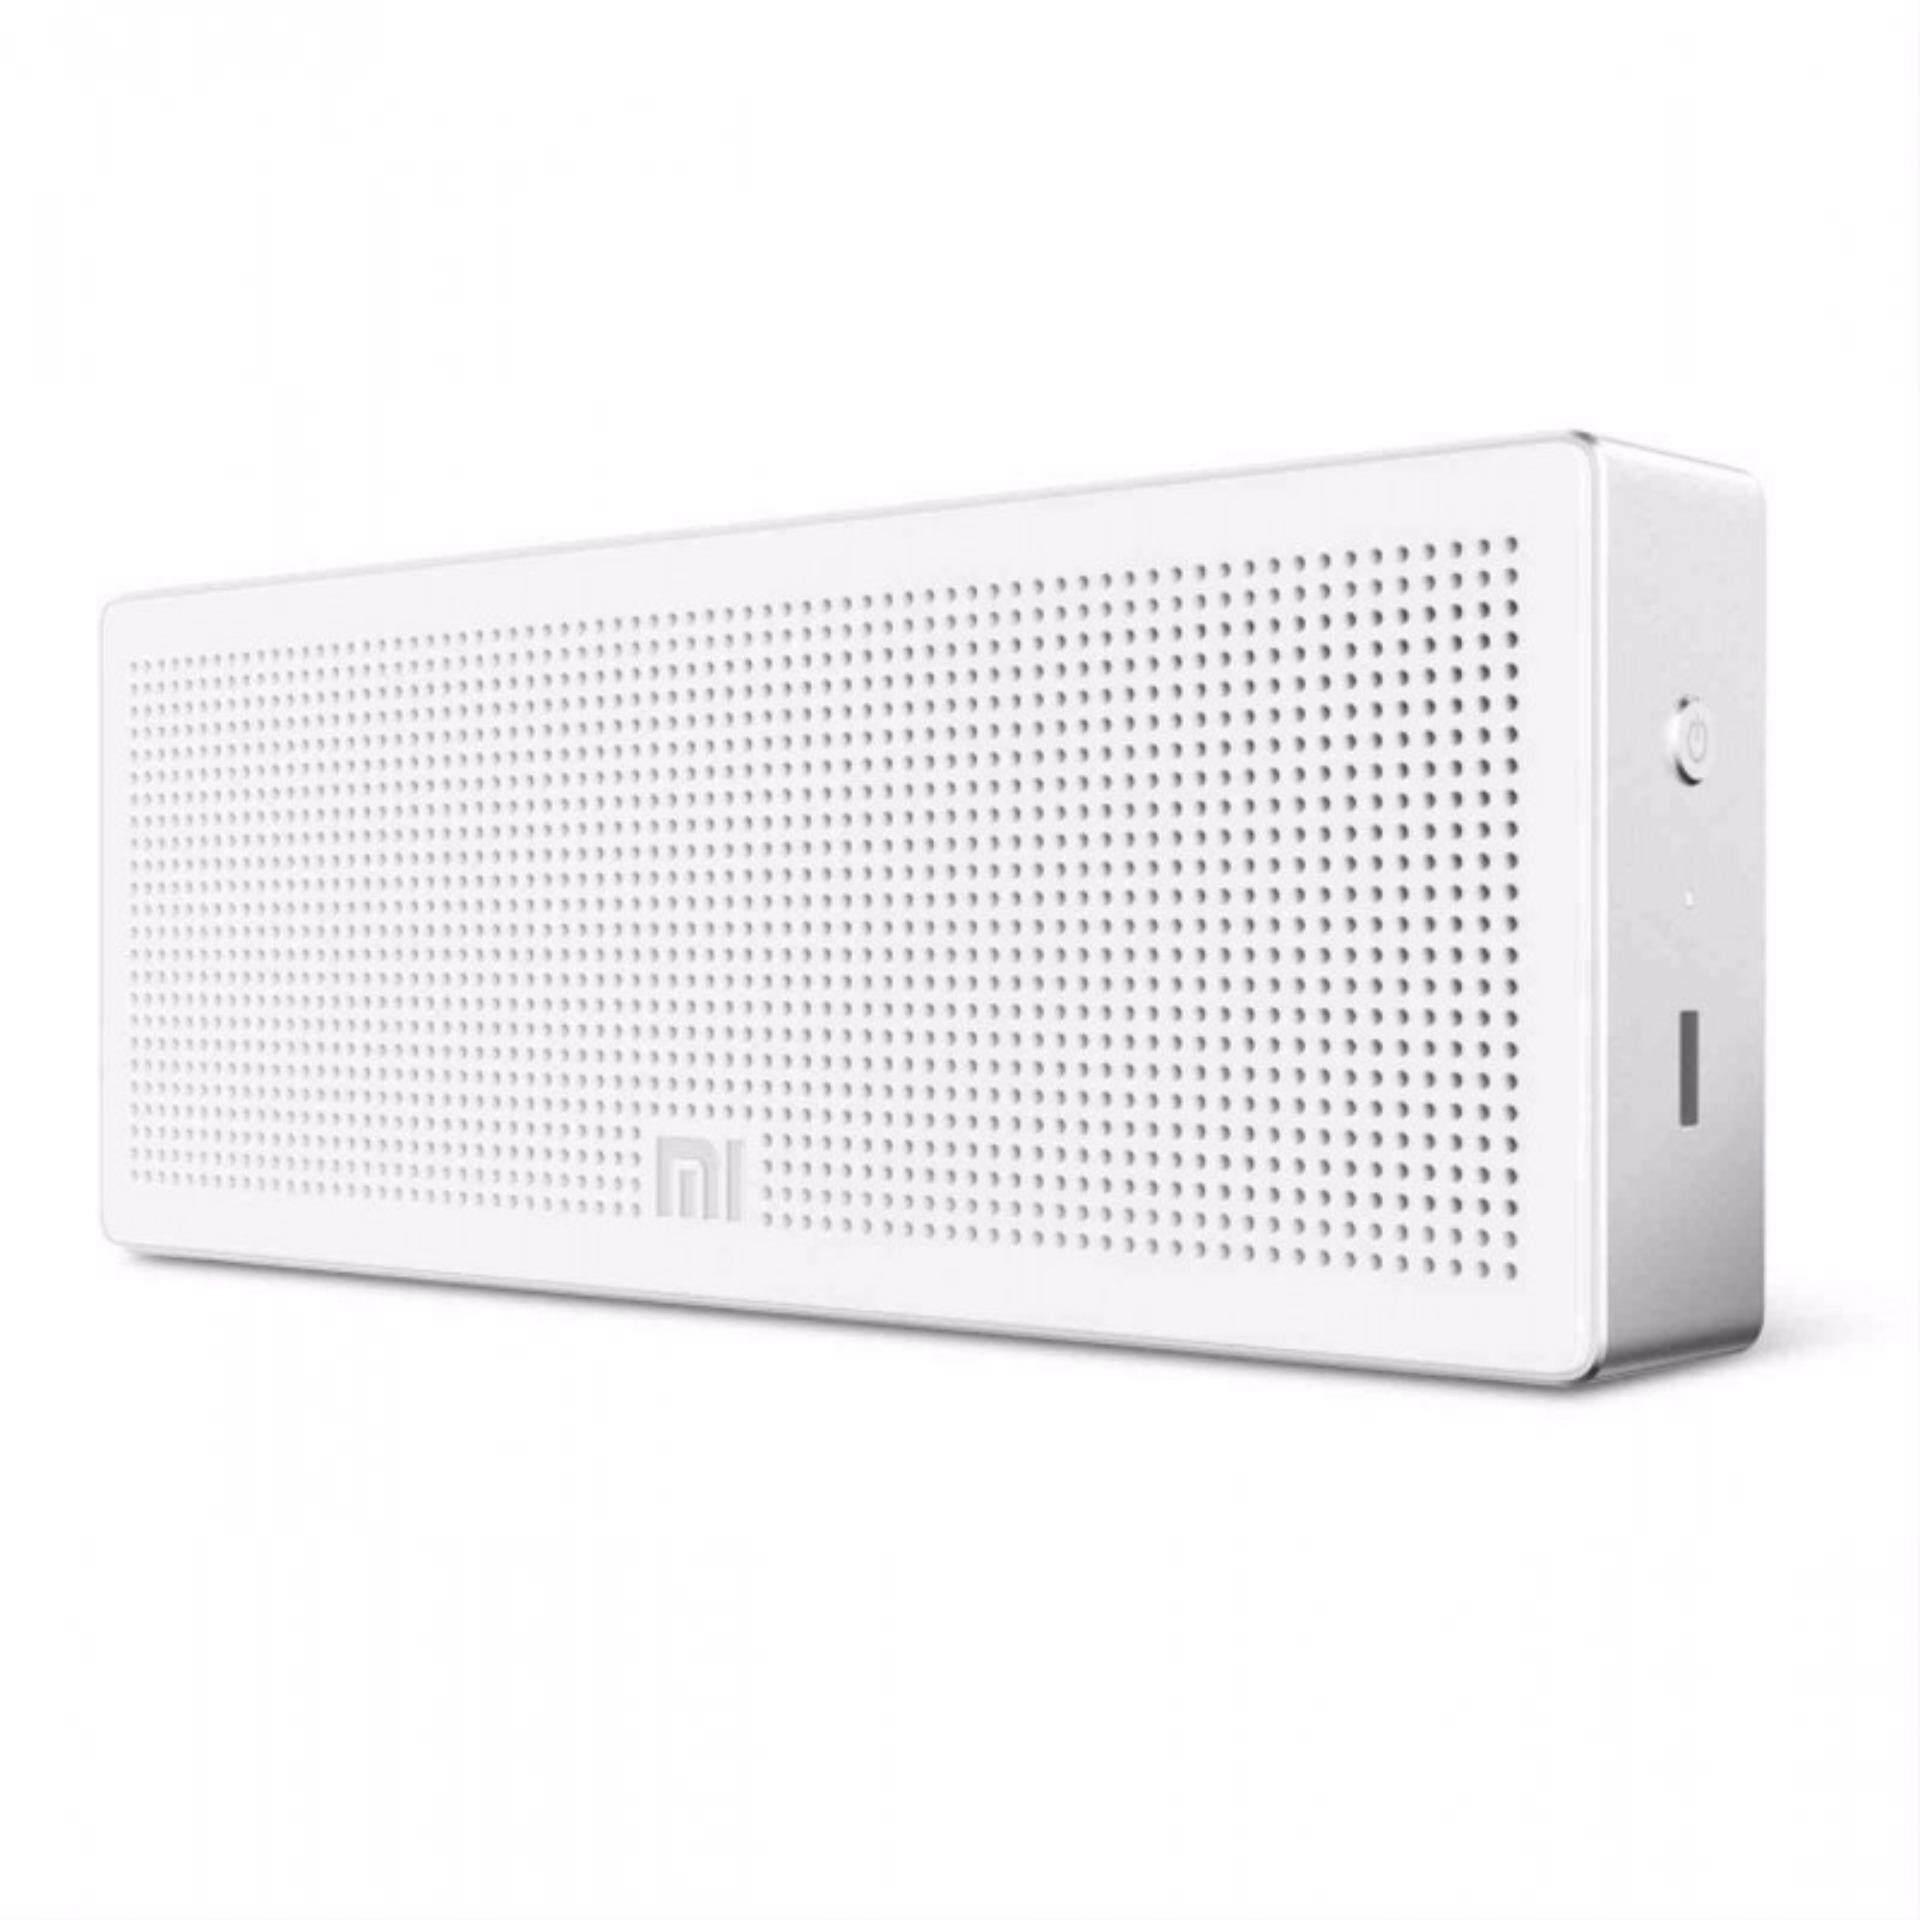 ยี่ห้อนี้ดีไหม  นครราชสีมา Xiaomi NDZ-03-GB wireless Bluetooth 4.0 Speaker